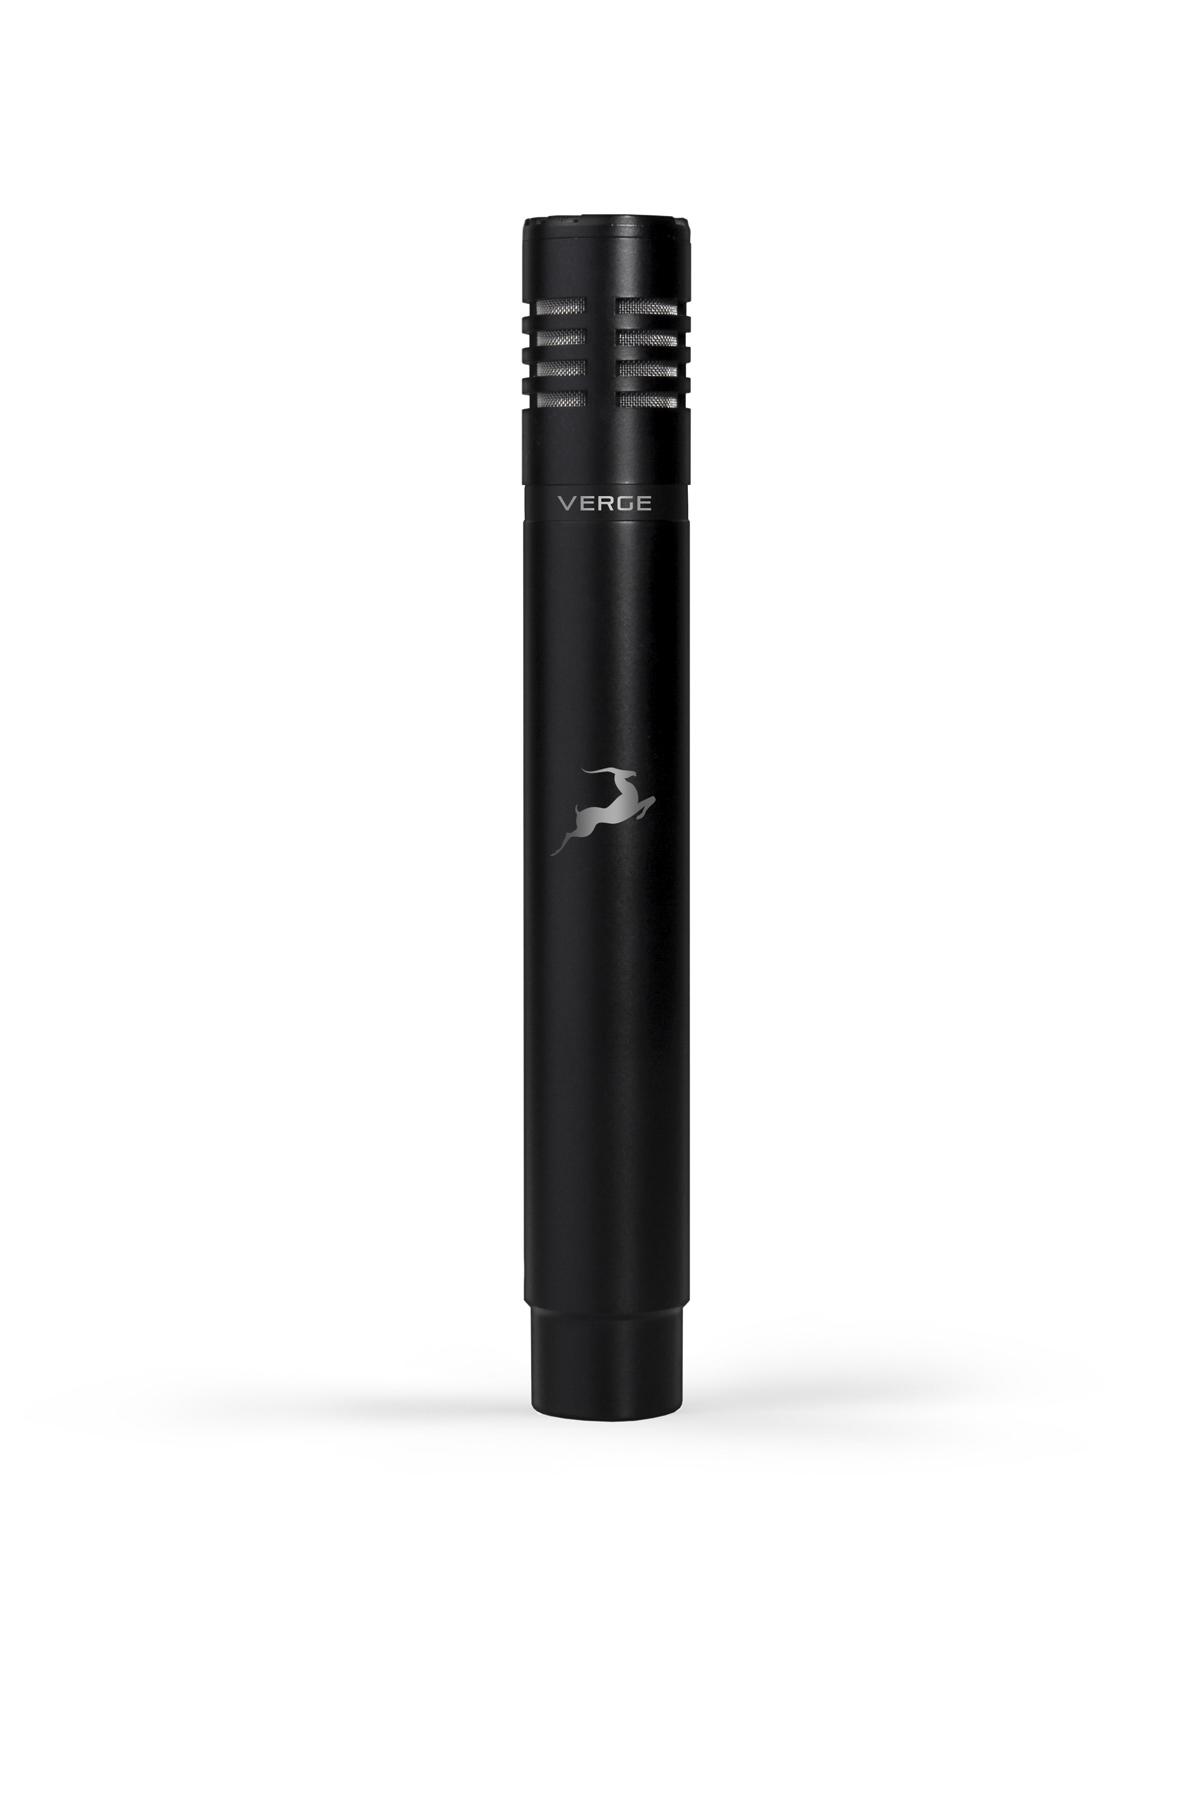 News: Updates für das Modeling-Mikrofon Verge von Antelope Audio